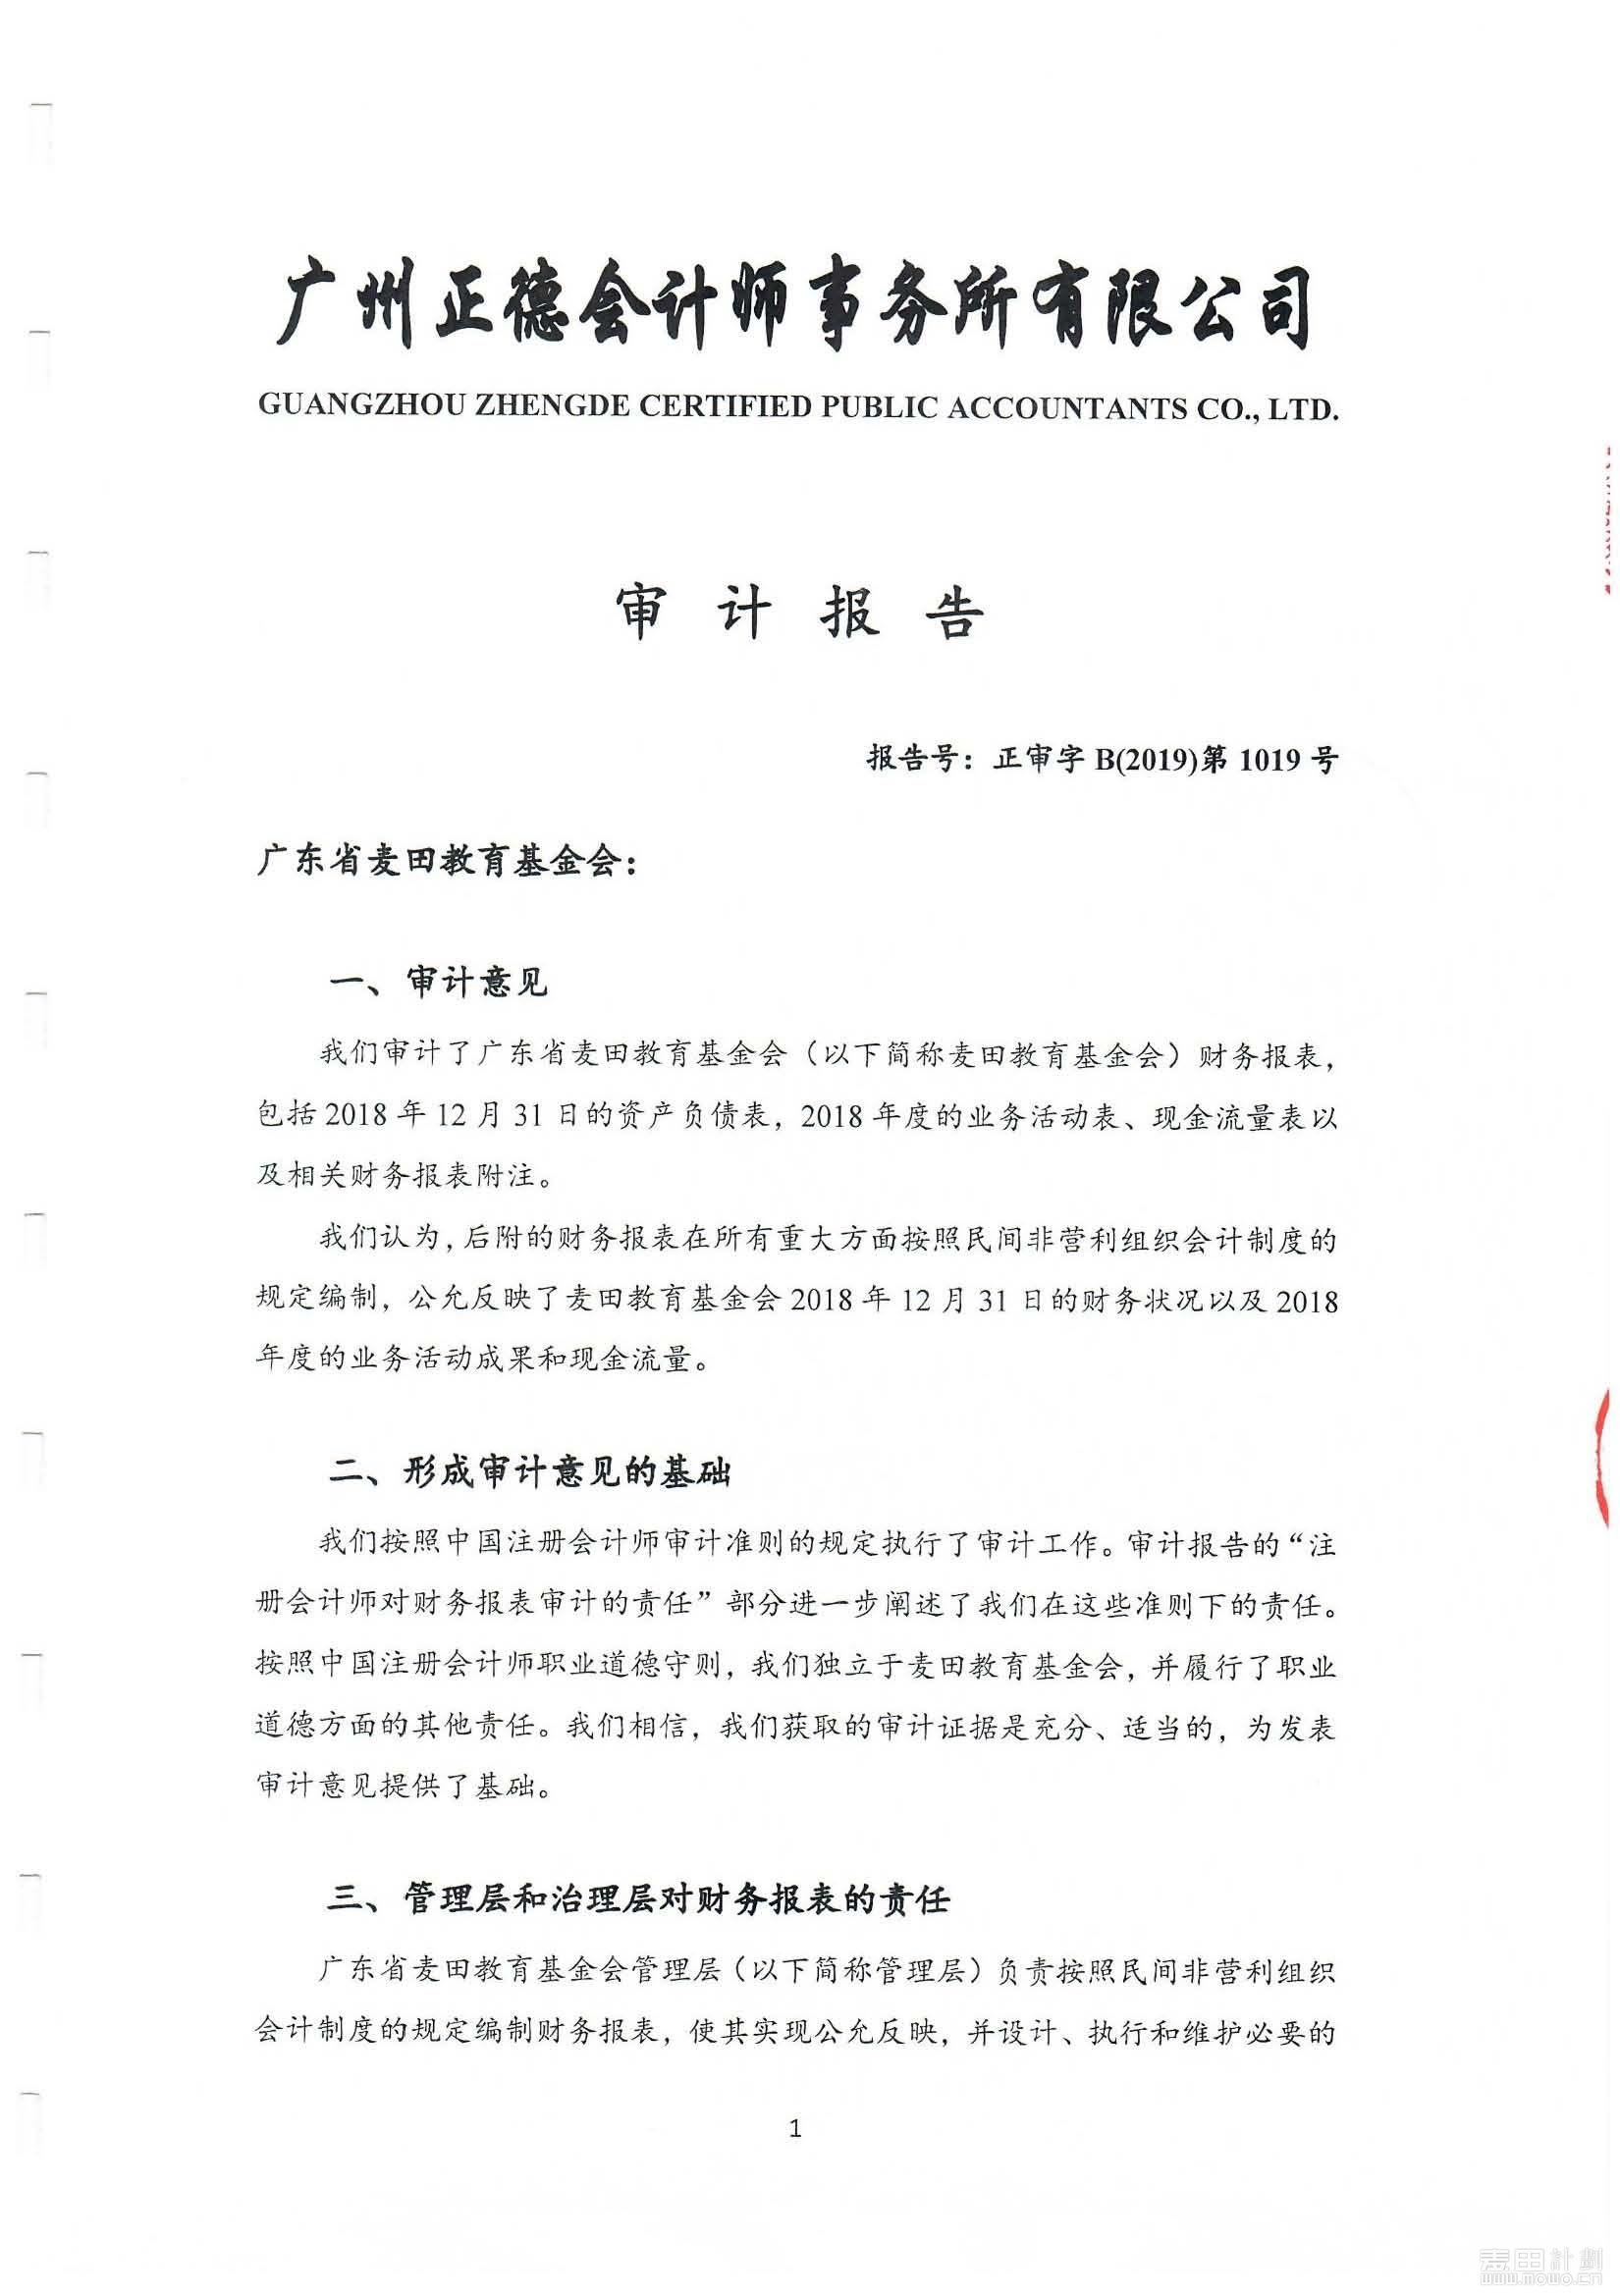 2018年麦田审计报告_页面_03.jpg